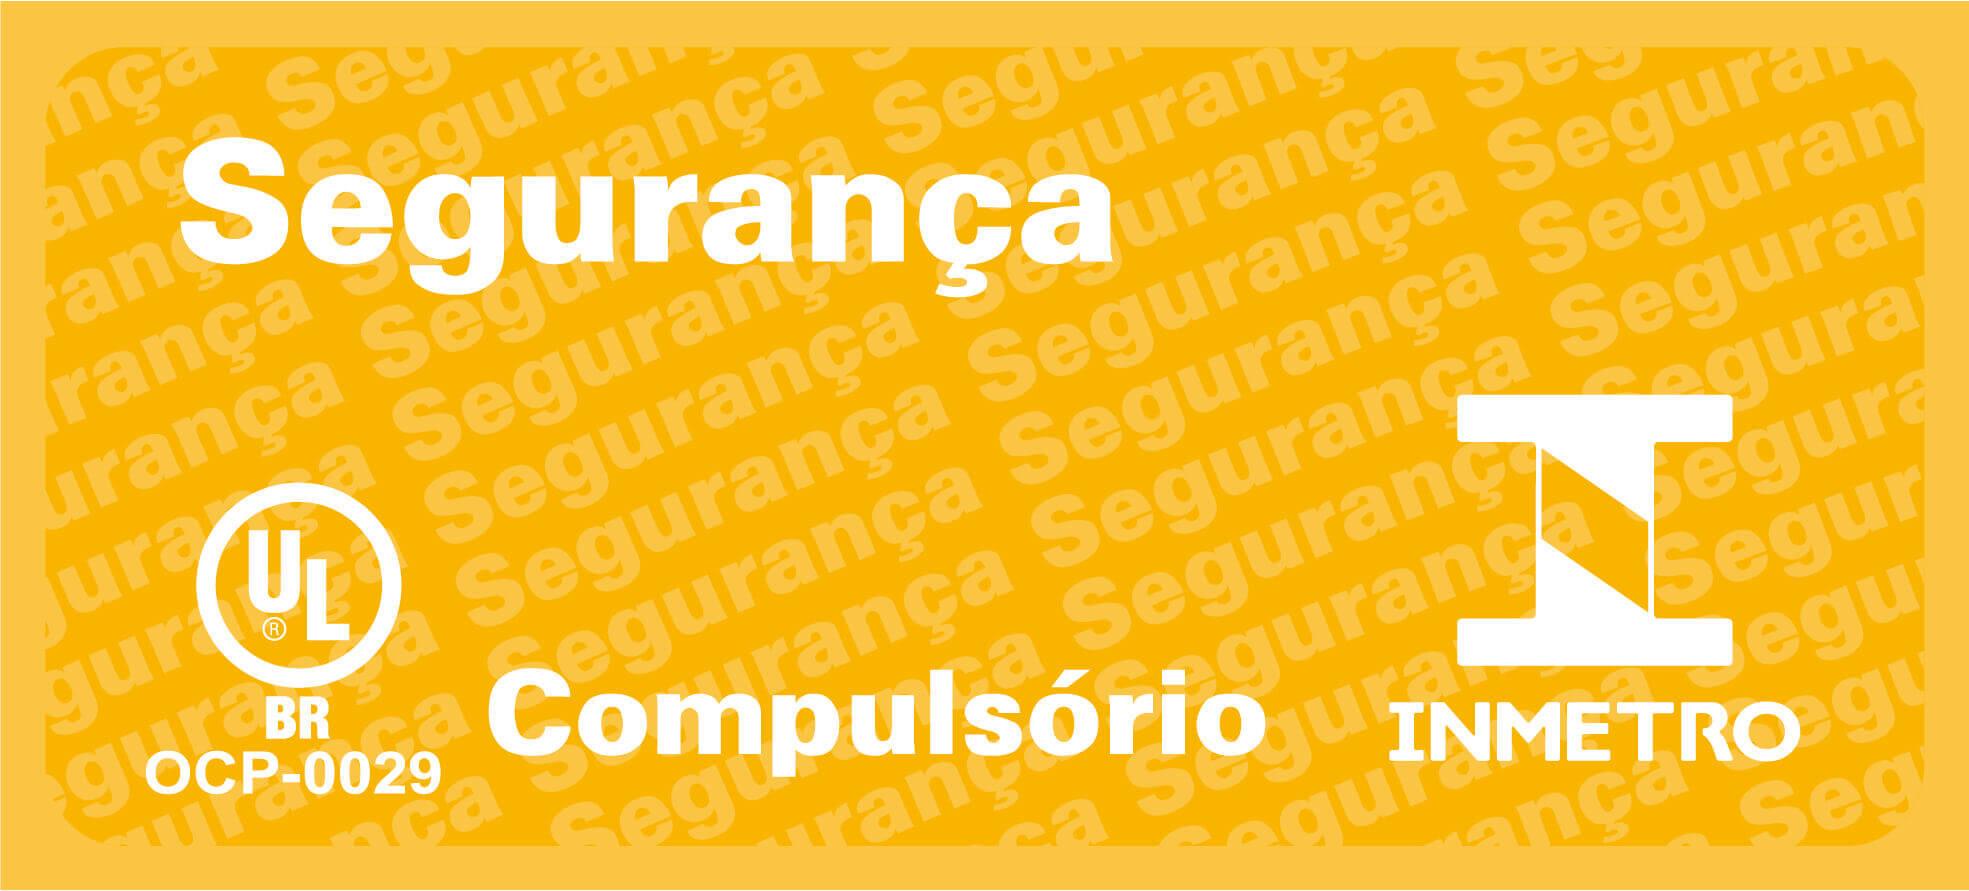 LIQUIDIFICADOR ARNO BLENDFORCE LN91 700W 127V